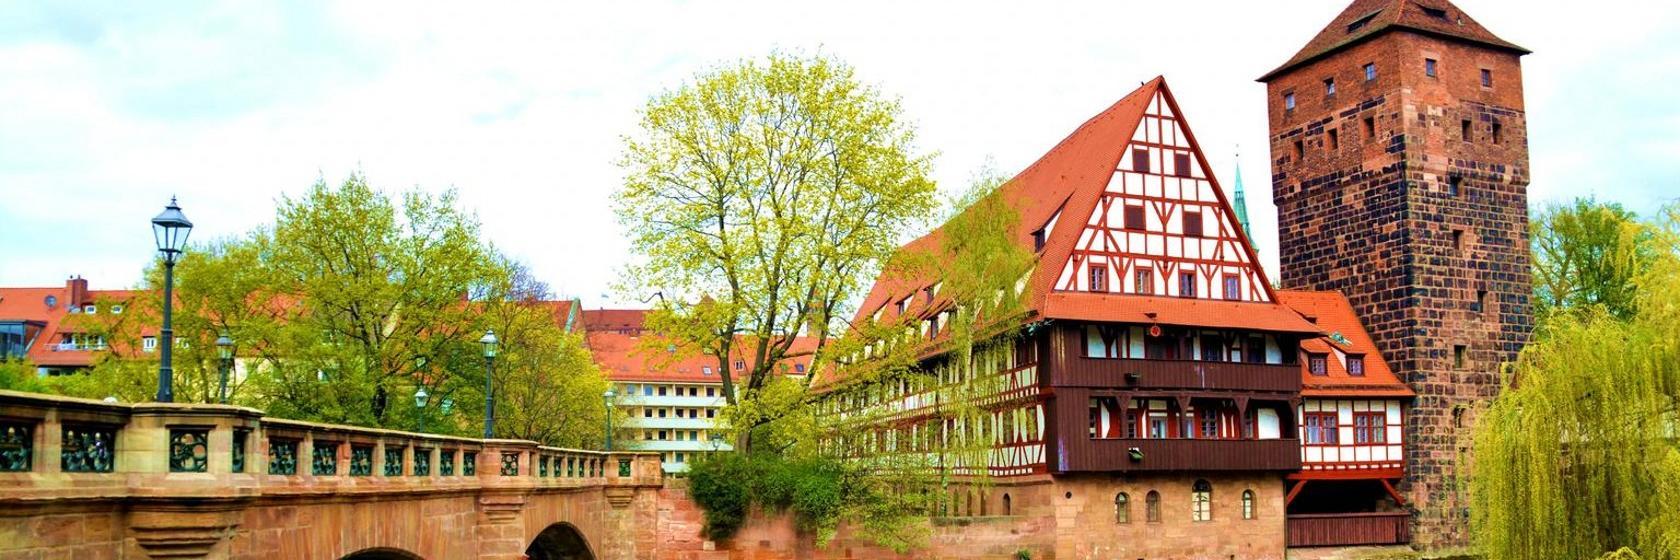 跟随我走进中世纪的纽伦堡。